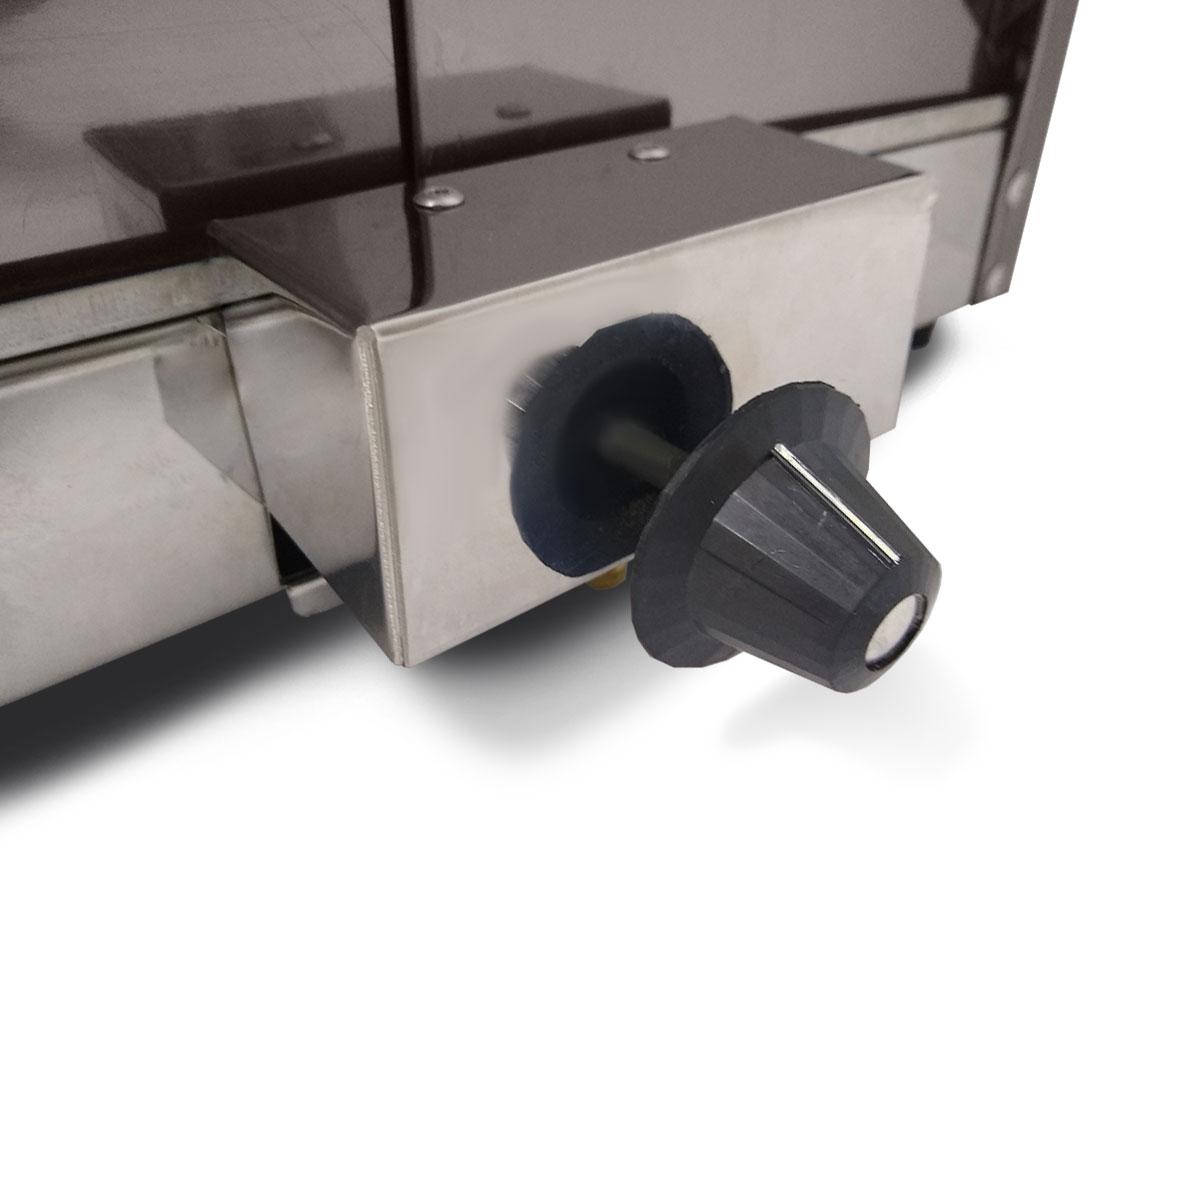 Estufa Para Salgados 3 Bandejas Aquecedor de Salgados Vidro Curvo a Gás - Supritecs Equipamentos  - Carmel Equipamentos